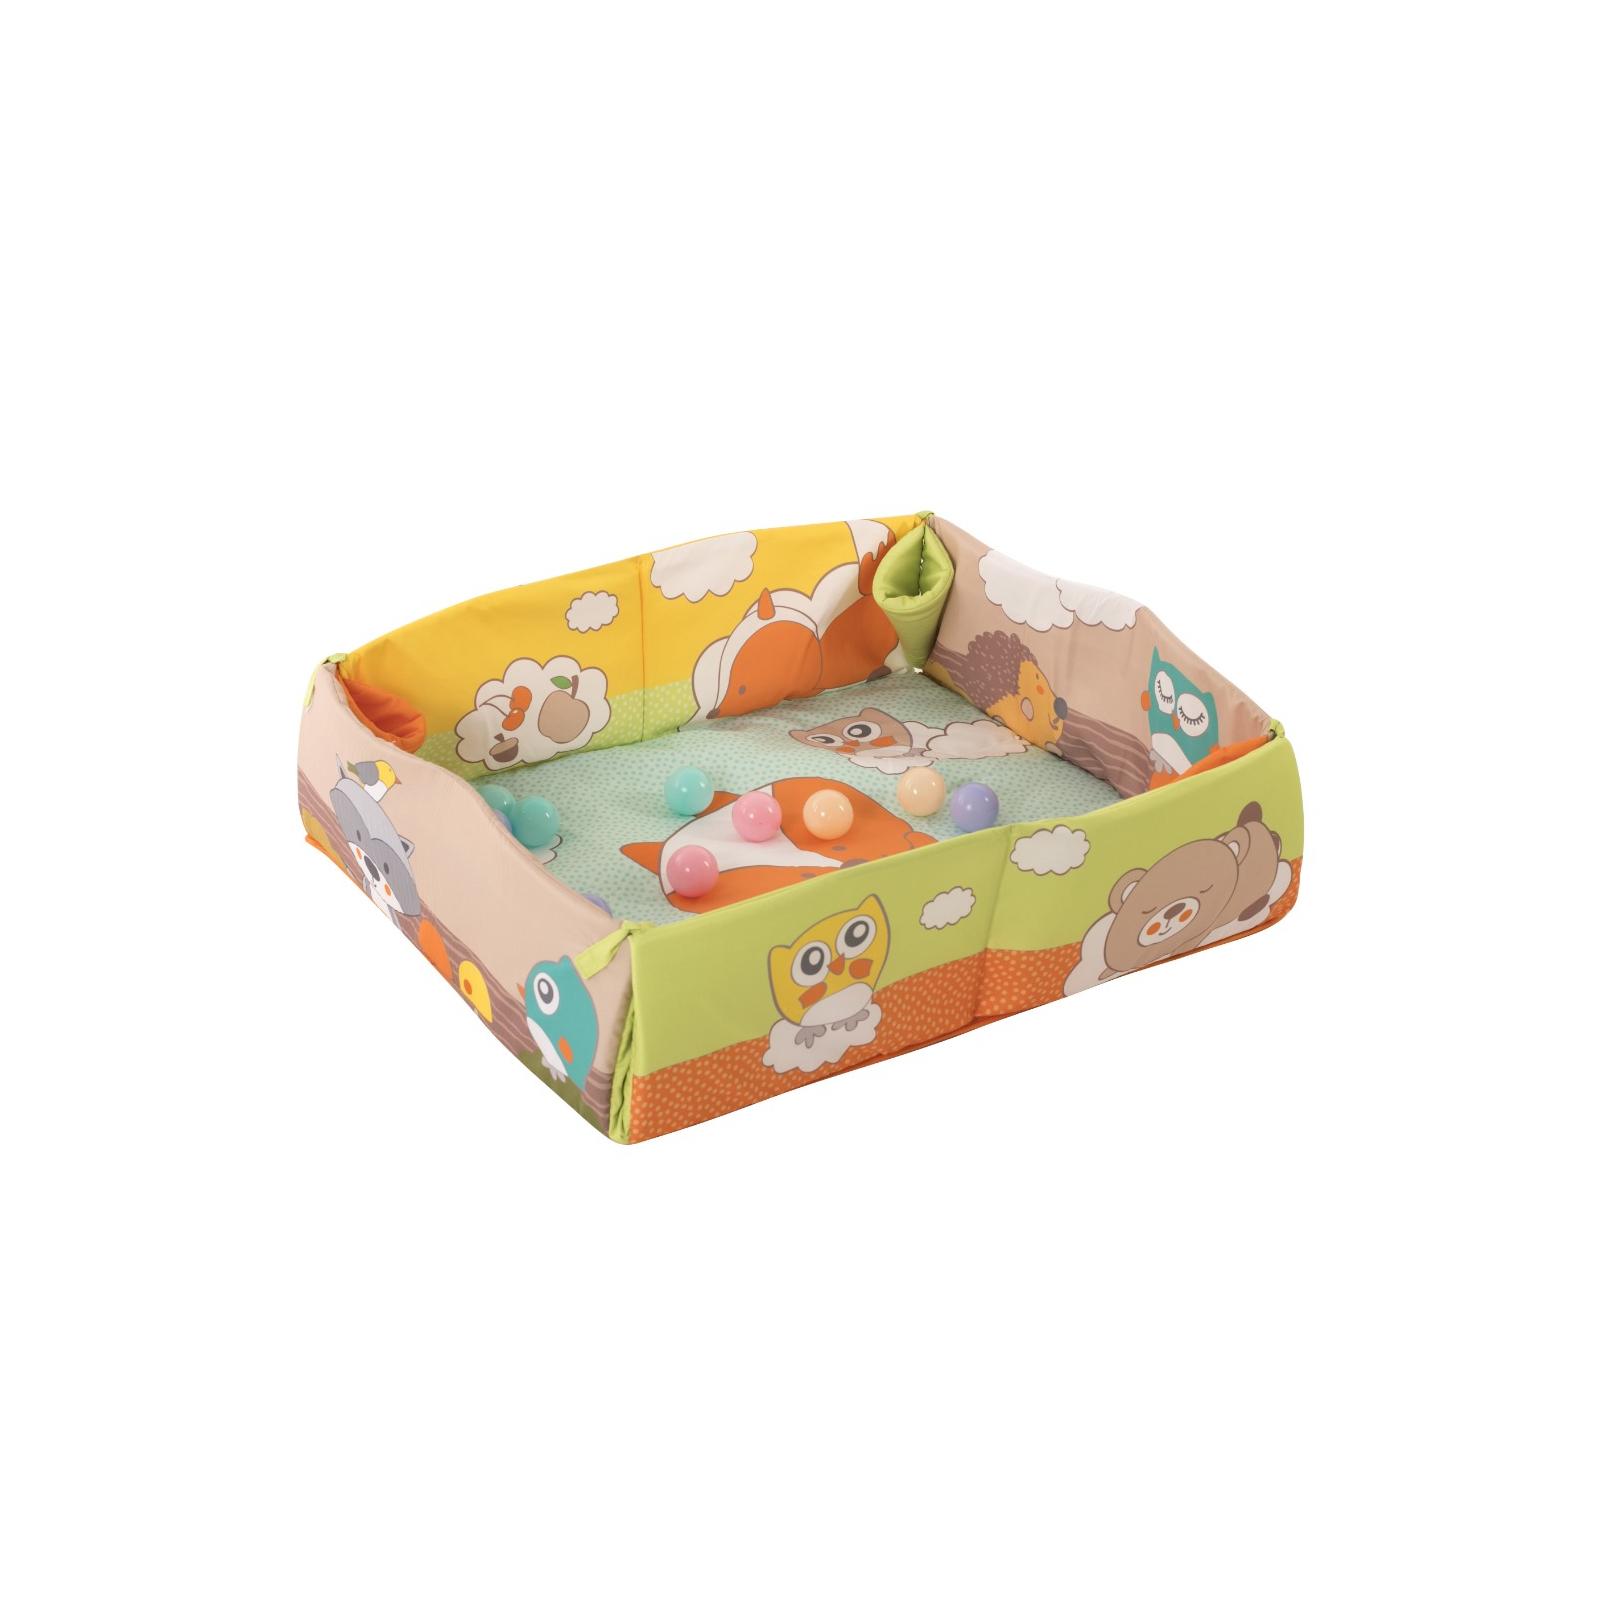 Детский коврик Baby Team с дугами и бортиками (8566) изображение 3